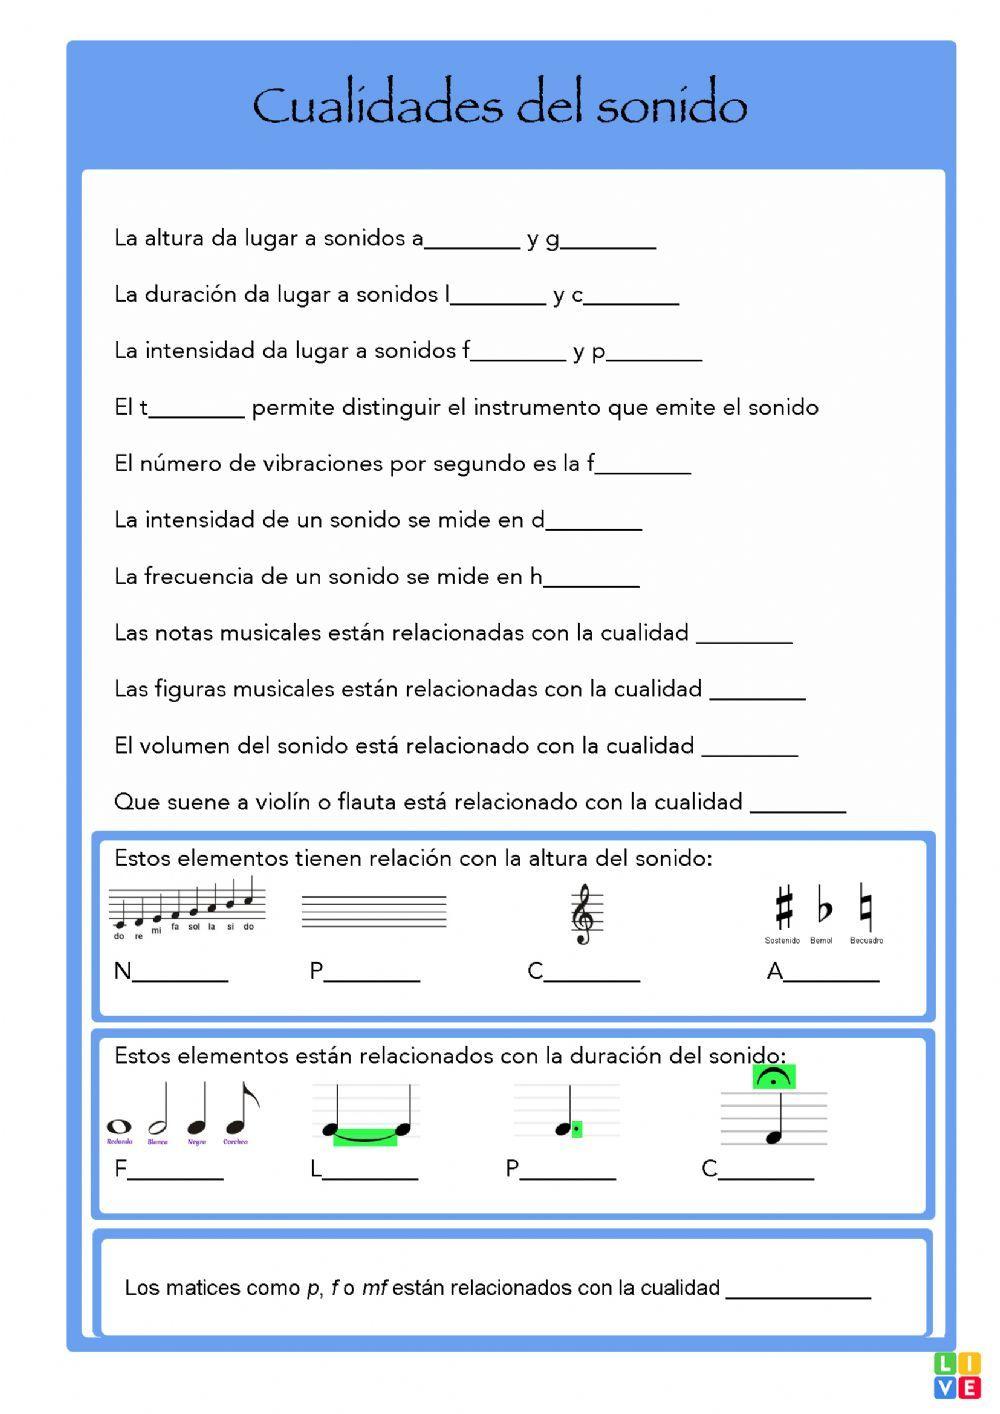 Cualidades Del Sonido Ficha Interactiva Y Descargable Puedes Hacer Los Ejercicios Online Cualidades Del Sonido Educacion Musical Clases De Música De Primaria